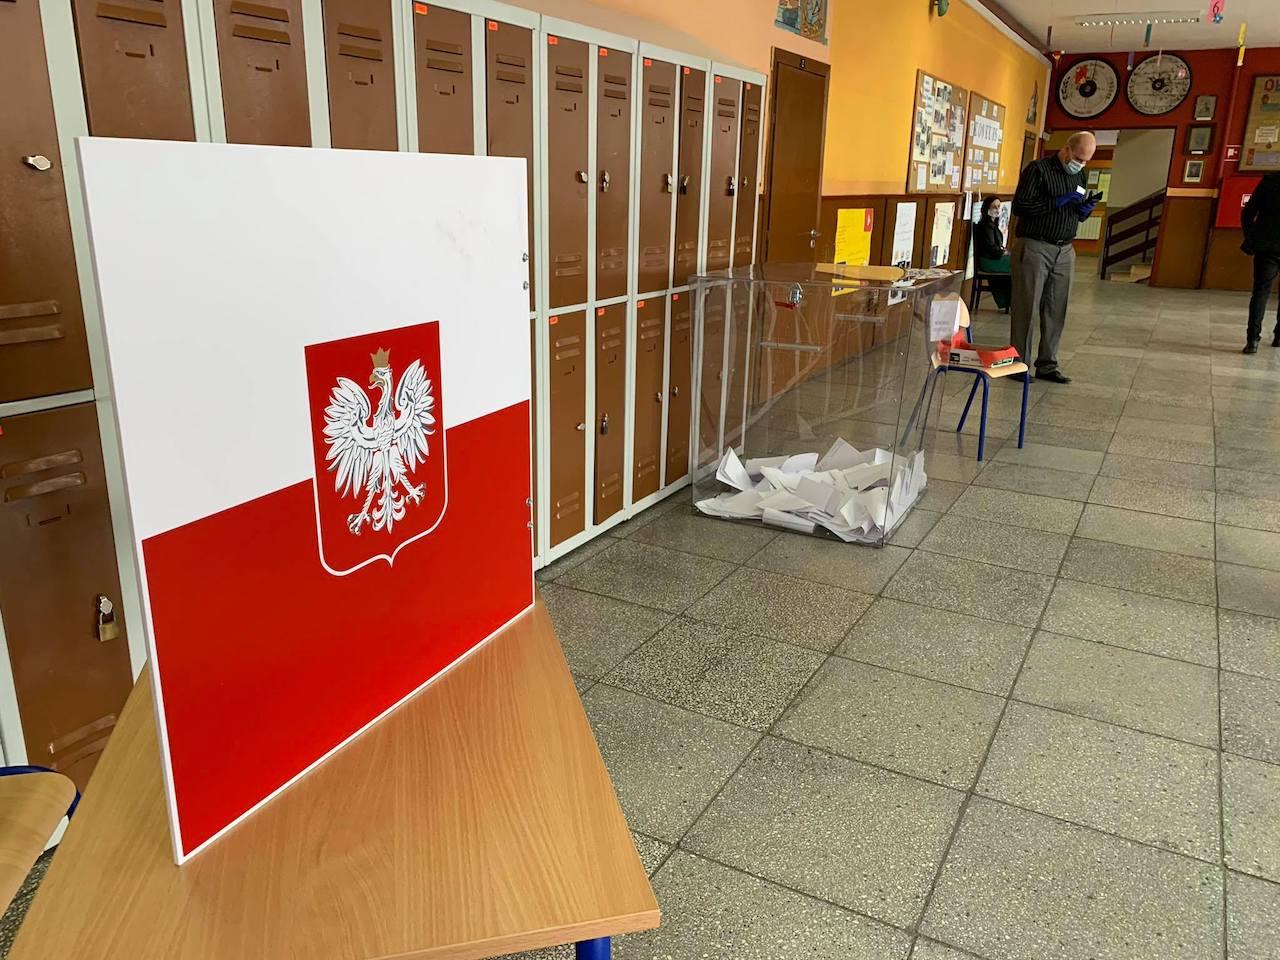 obrzycko wybory 2020 - Kacper Witt - Radio Poznań